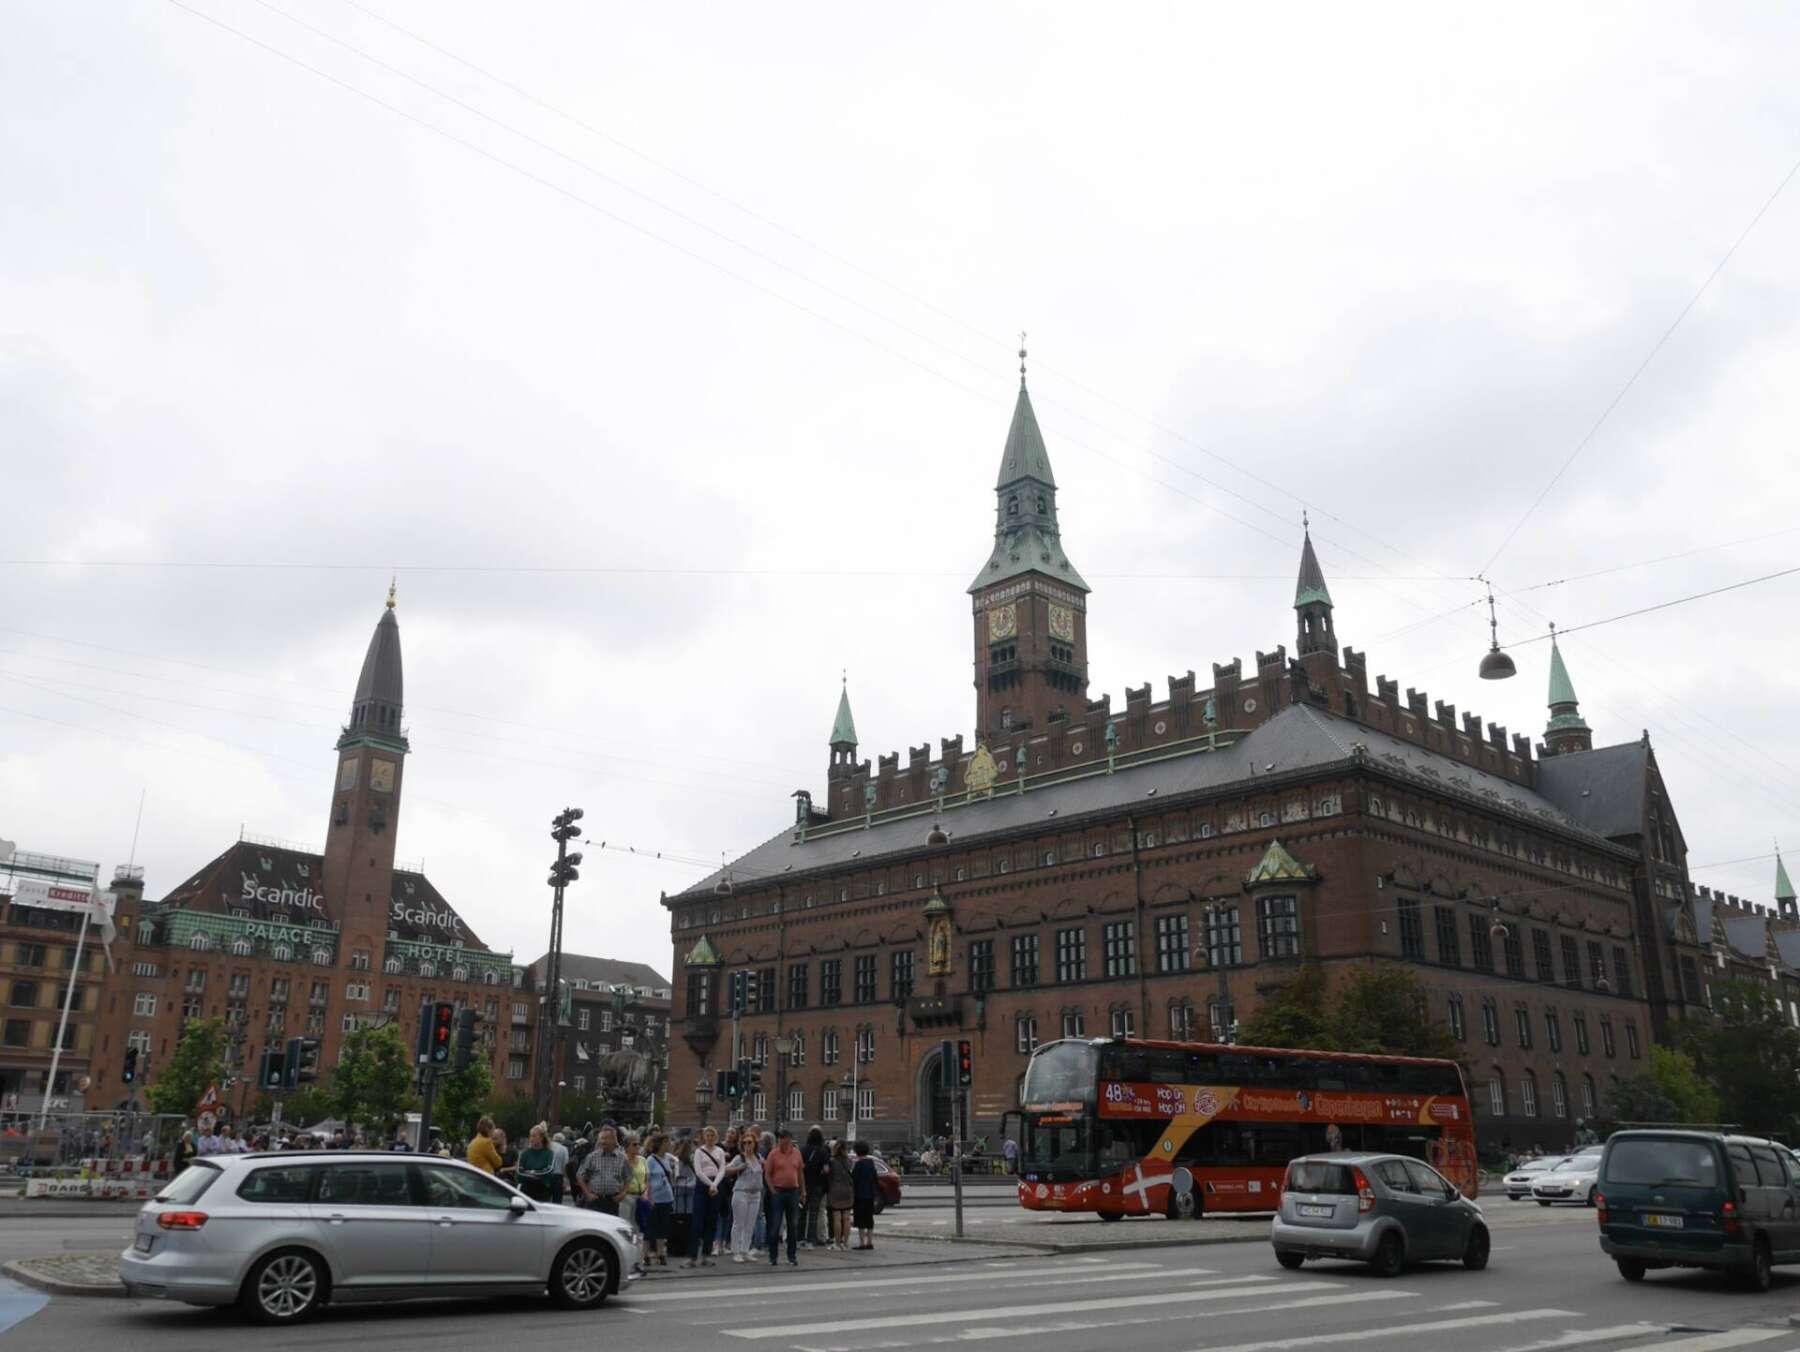 ศาลาว่าการเมืองโคเปนเฮเกน (Copenhagen City Hall)